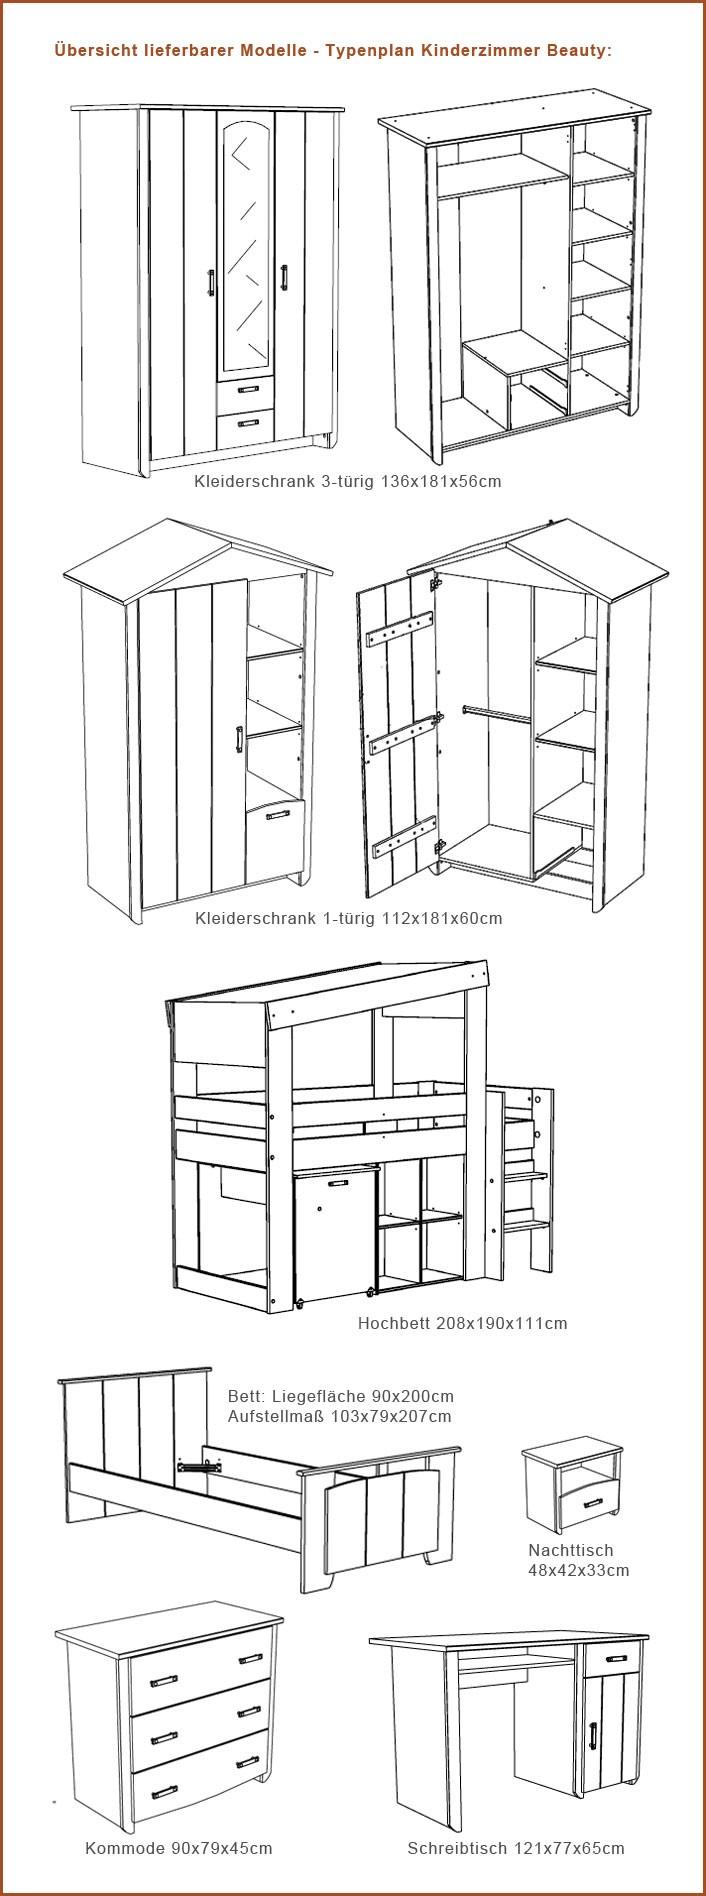 kleiderschrank beauty 11 136x181x56cm wei rosa 3 t rig wohnbereiche kinder jugendzimmer. Black Bedroom Furniture Sets. Home Design Ideas